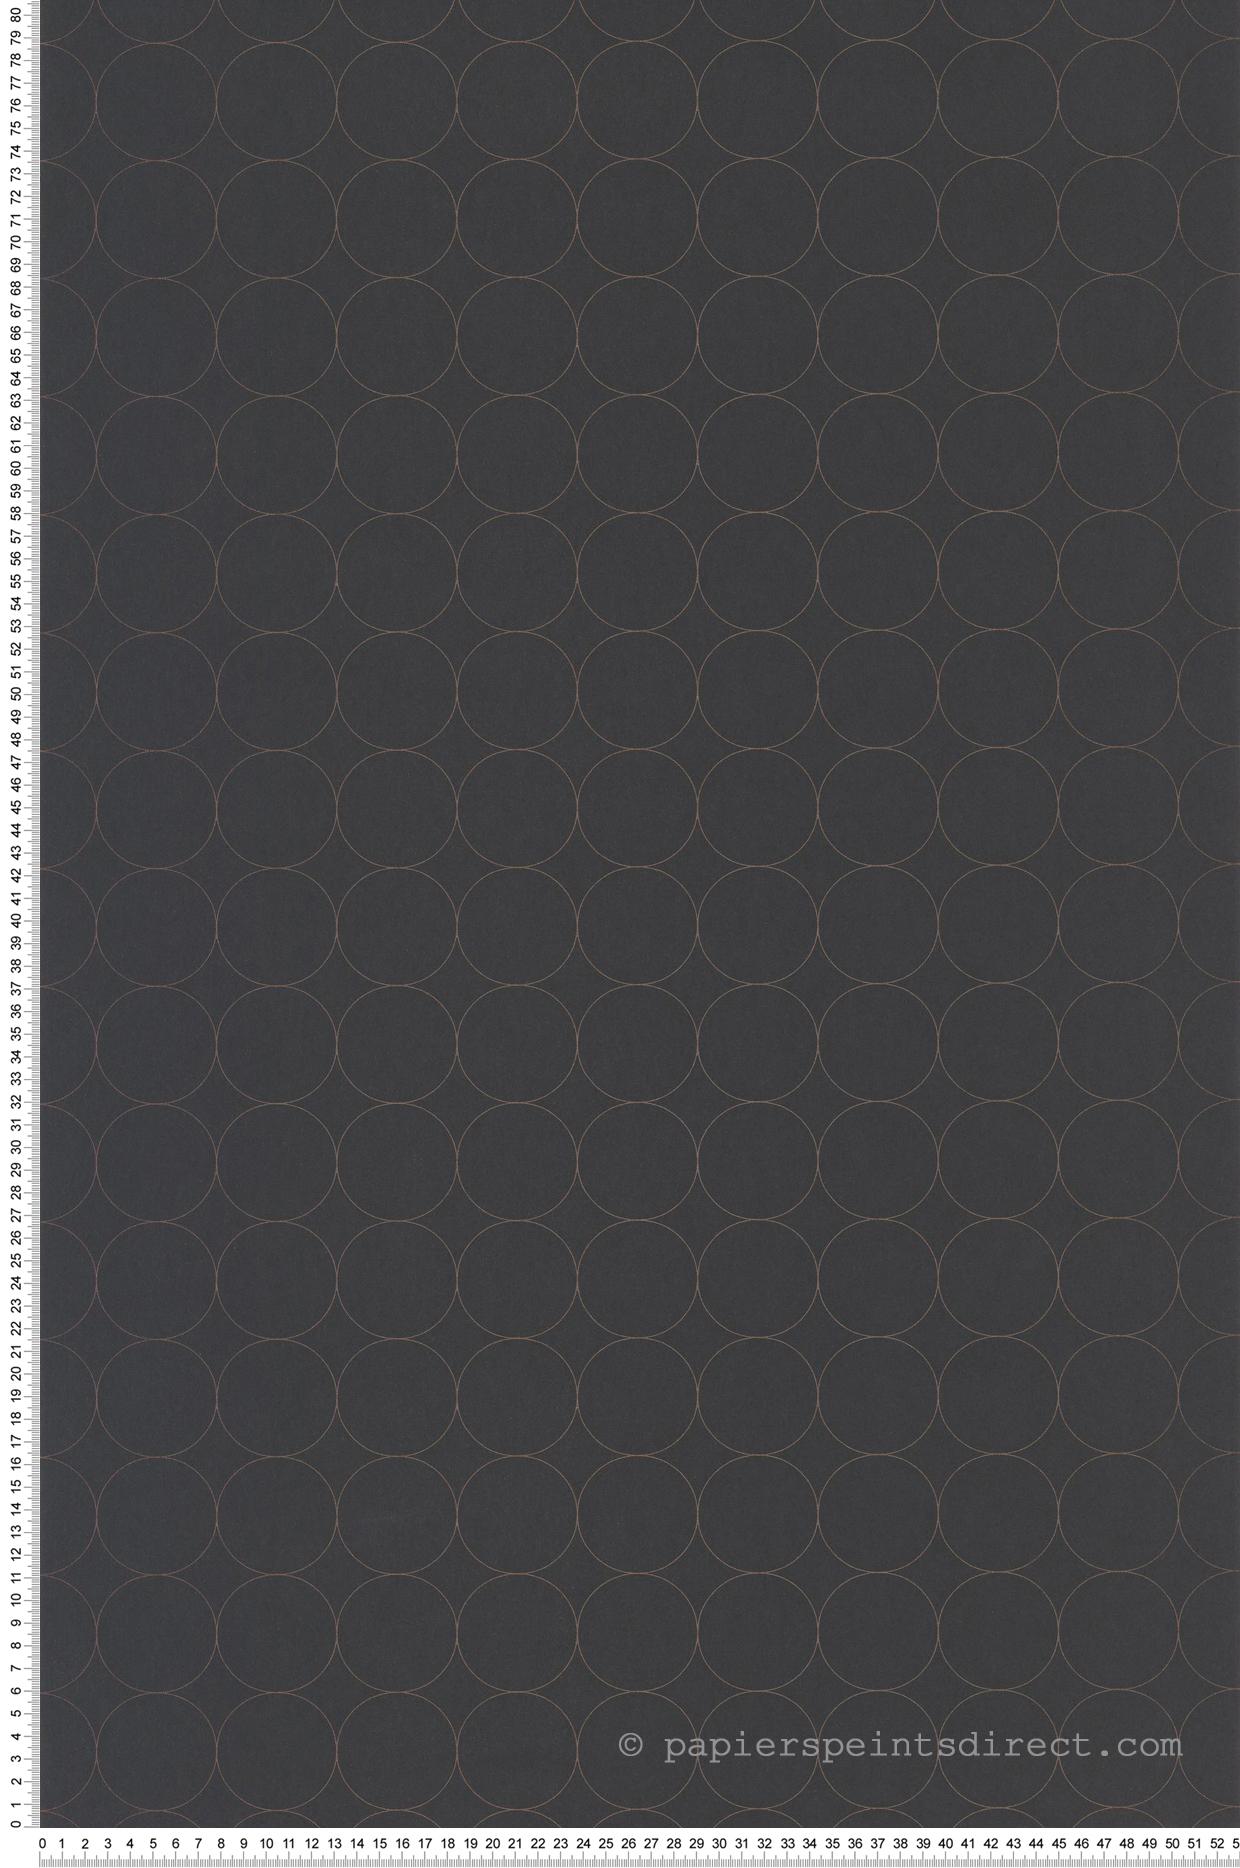 Papier peint scandinave Disques noir - Vision de Casadéco   Réf. VISI83689505